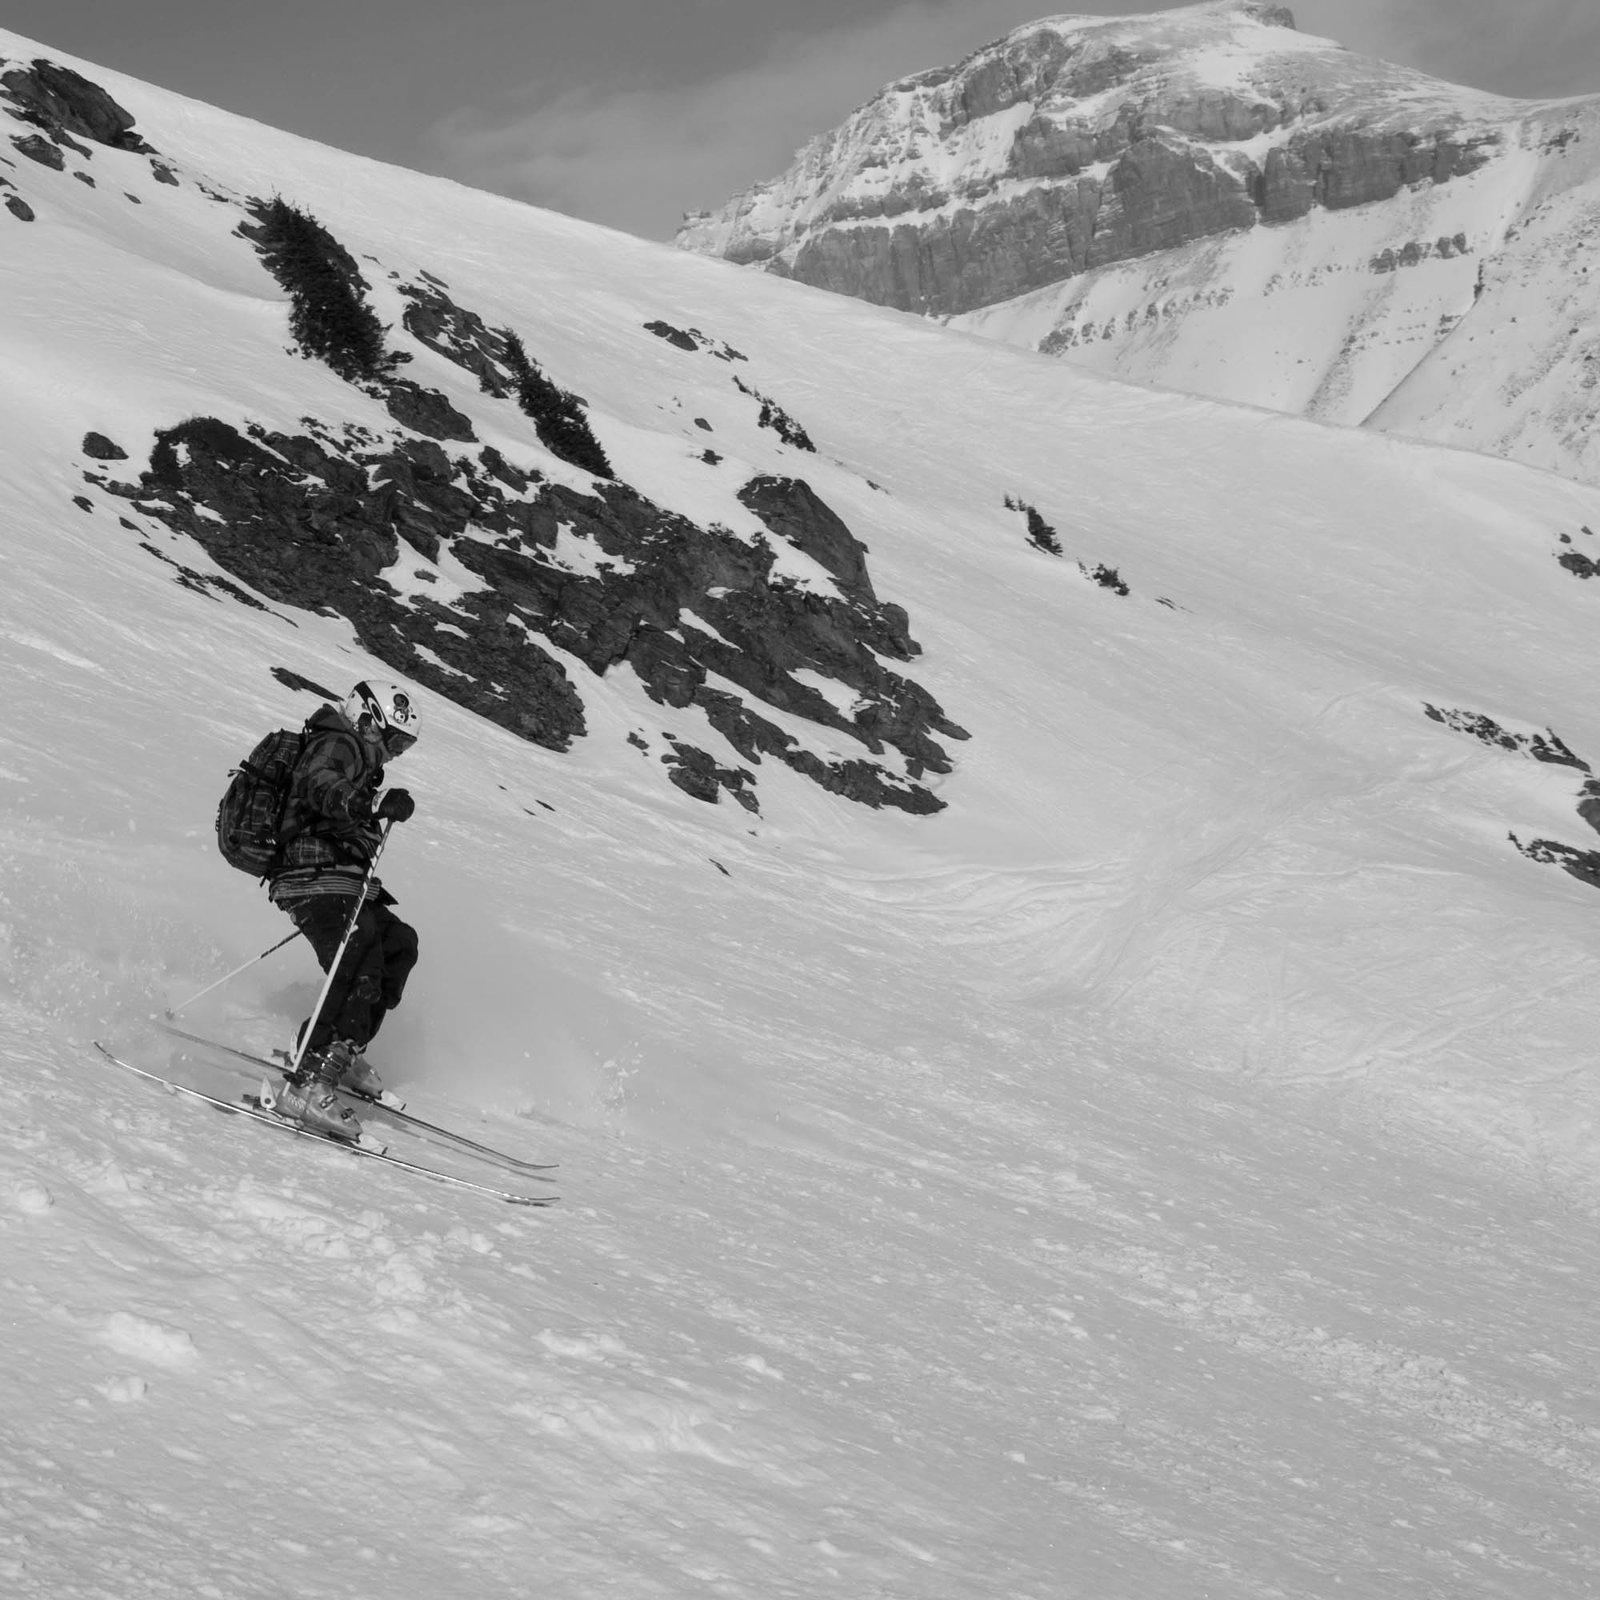 Big In Banff